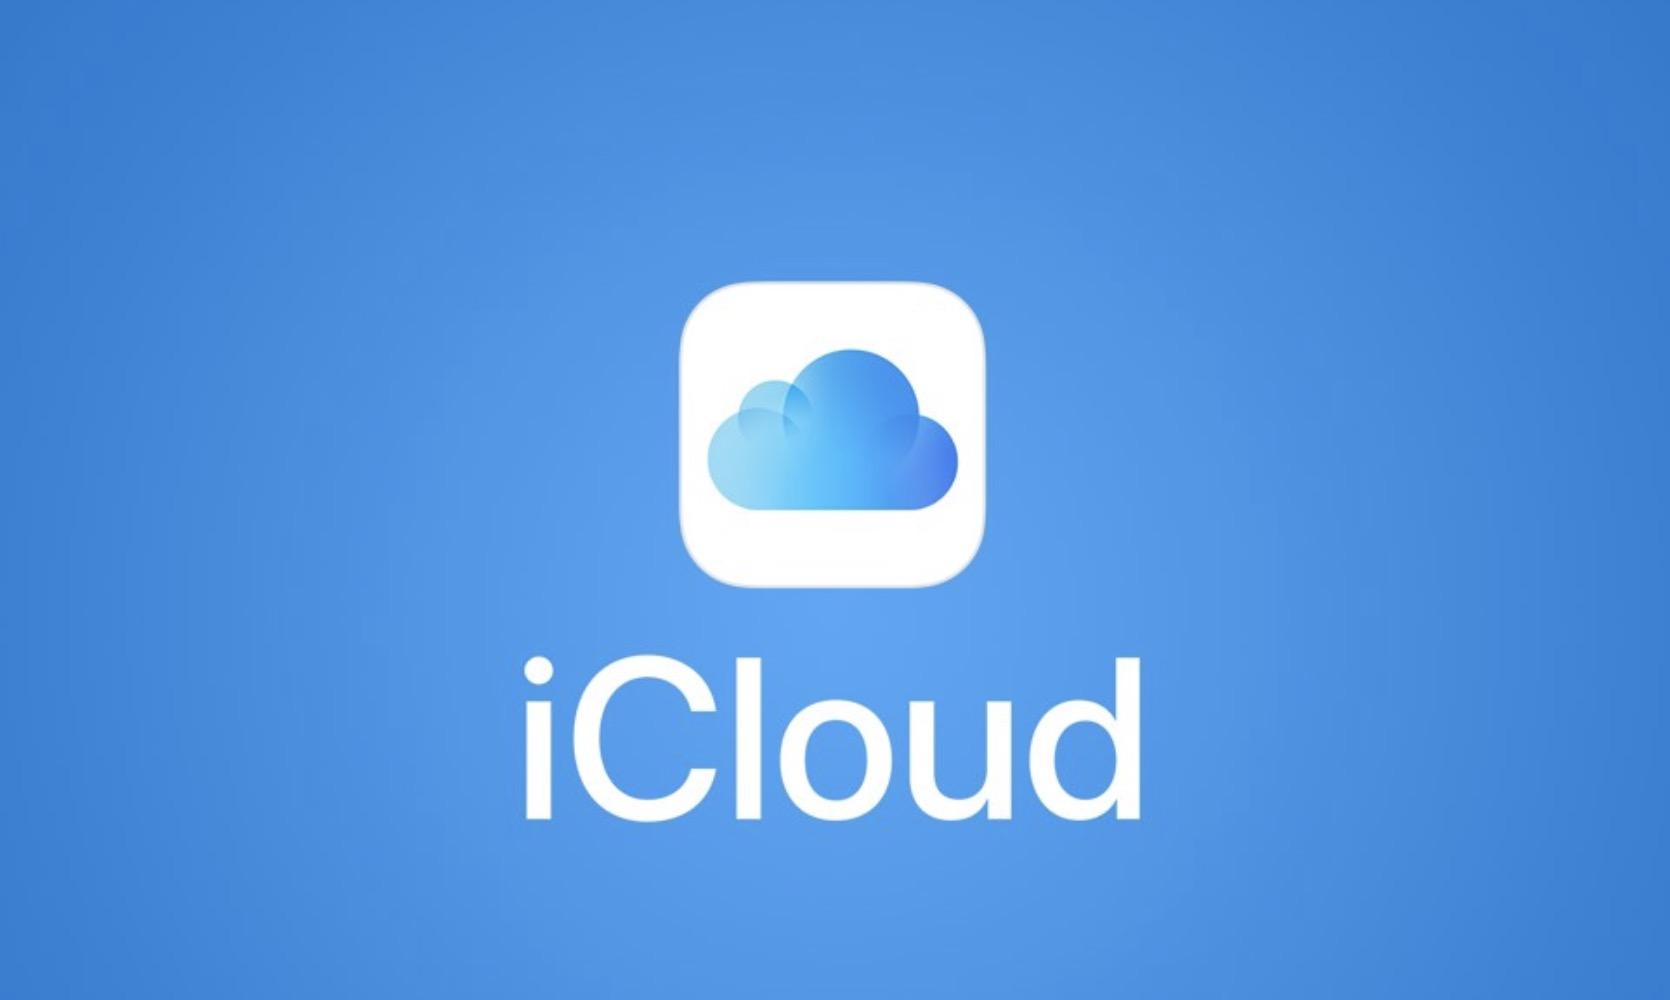 Apple sort une app iCloud pour les ordinateurs Windows 10 1